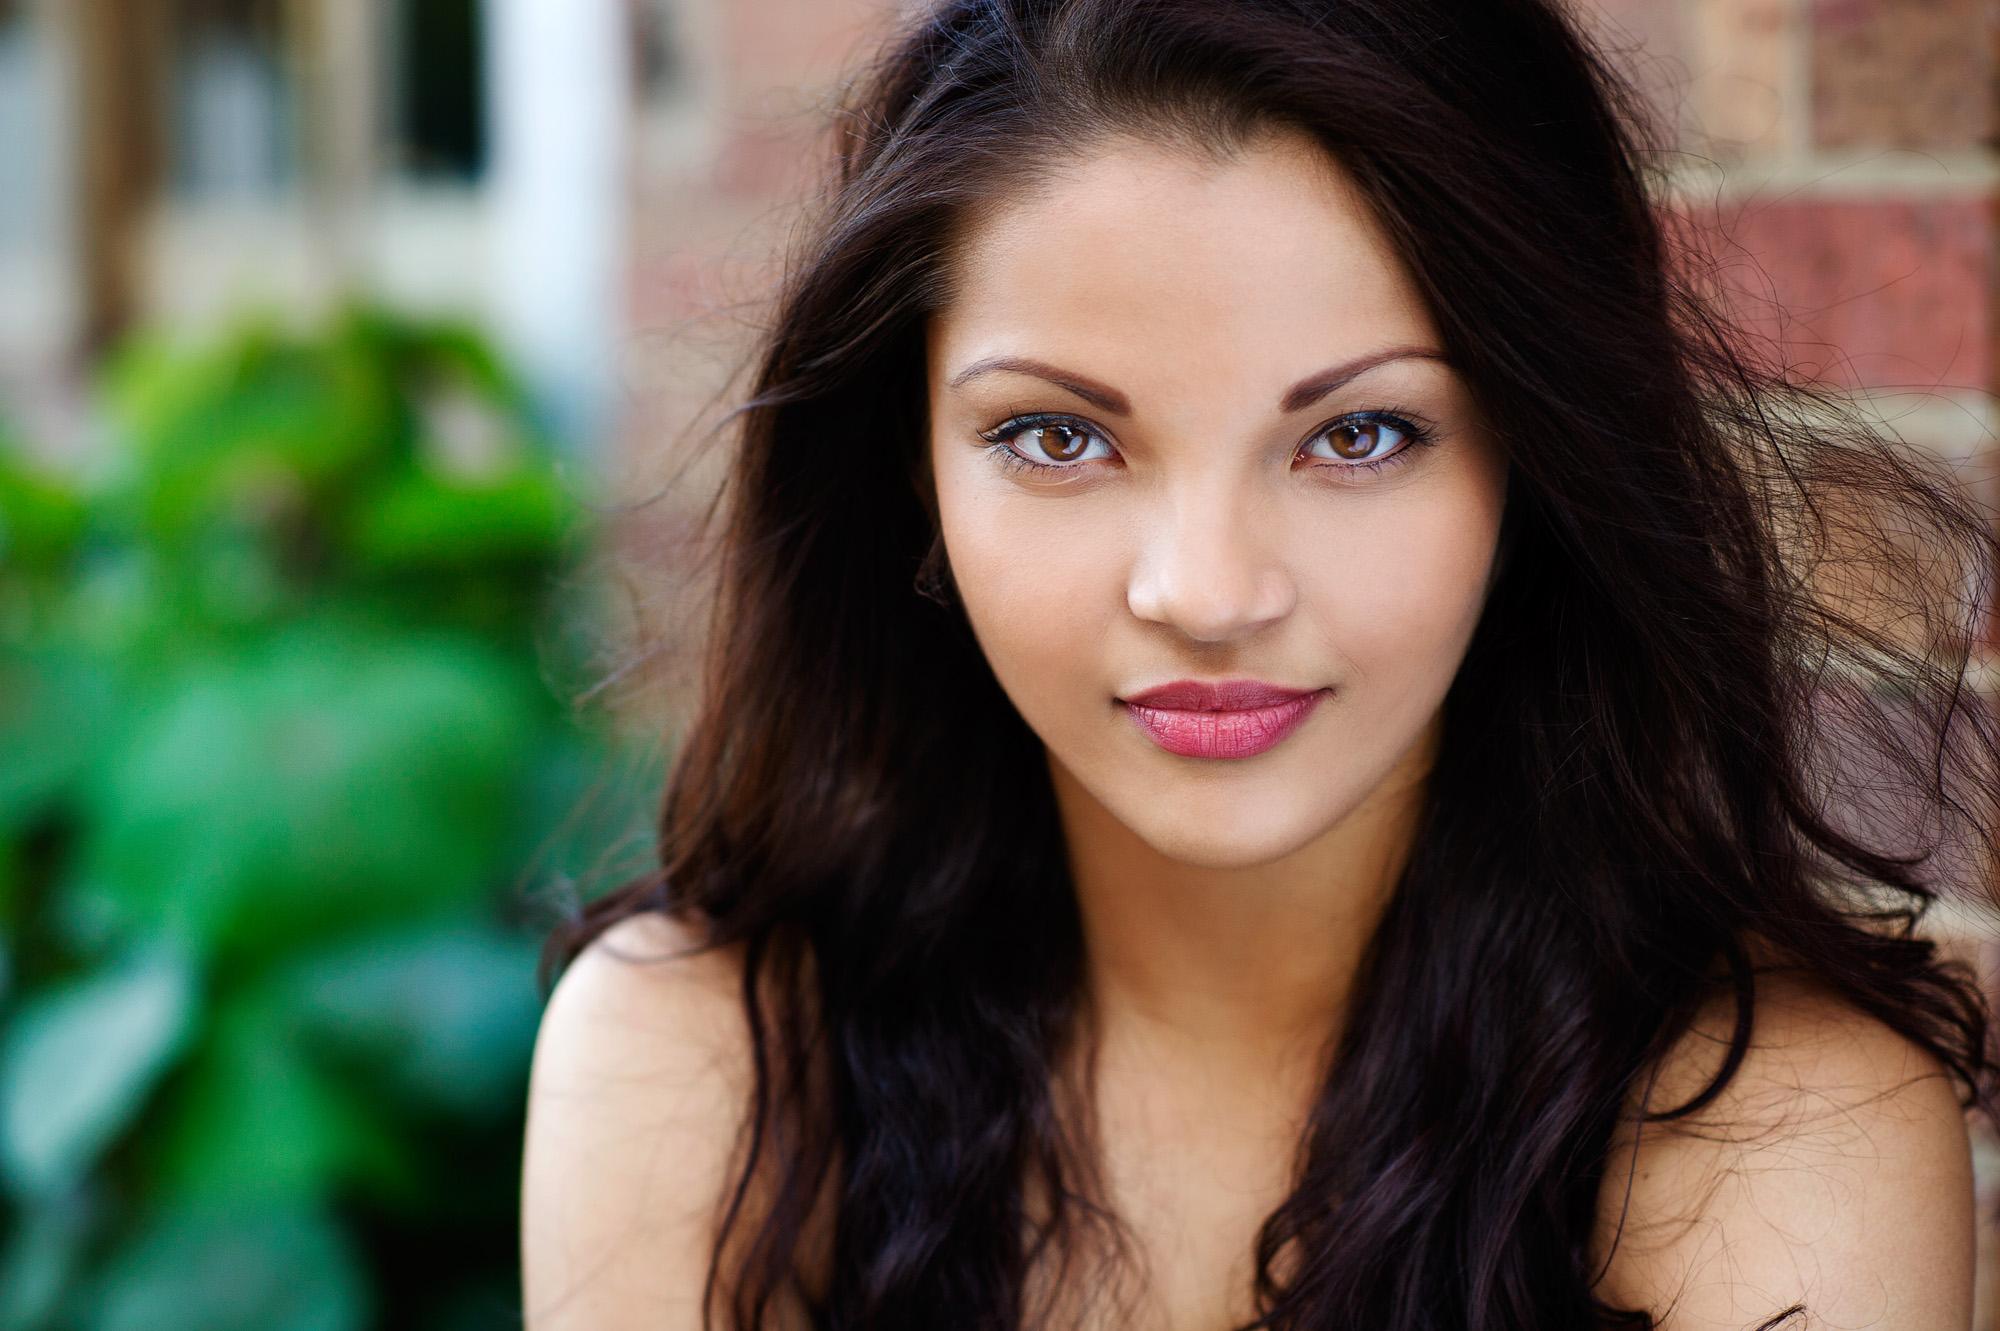 Headshot - Annikki Chand